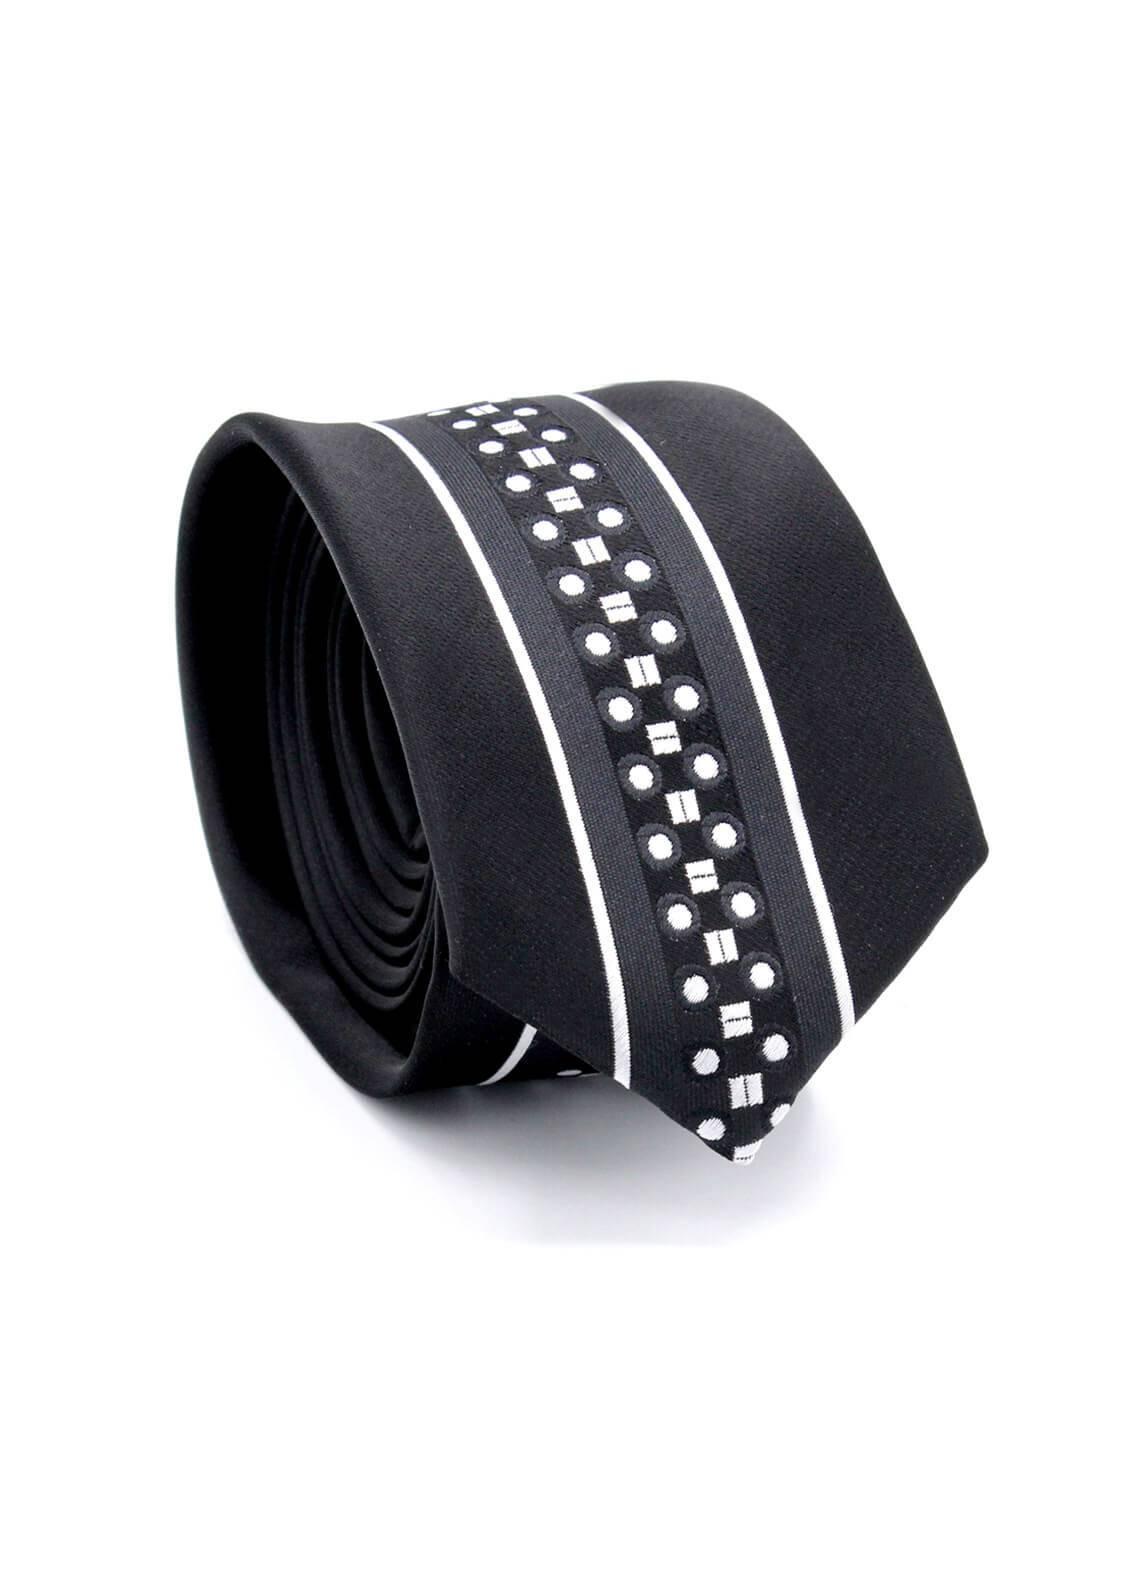 Skangen Multi-Patterned Wool Neck Tie Neck Tie SKTI-S-009 -